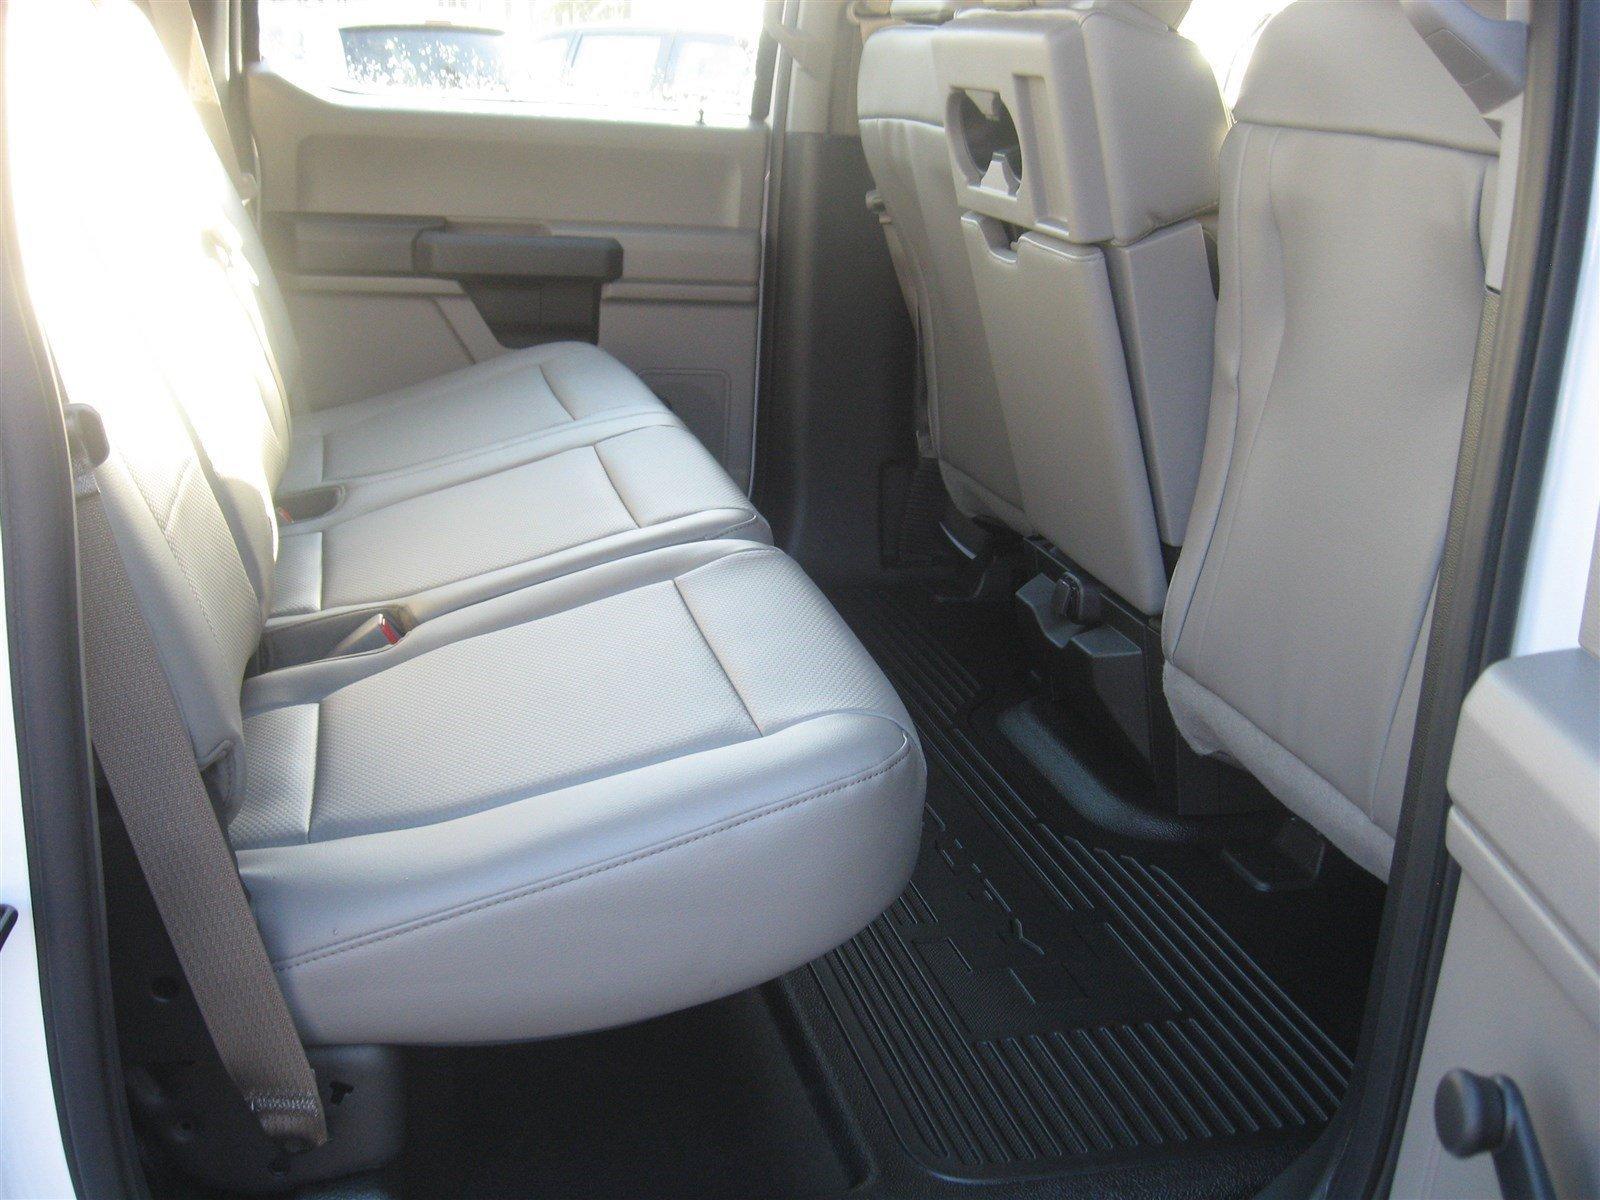 New 2017 Ford Super Duty F-250 SRW XL 4WD Crew Cab 8' Box